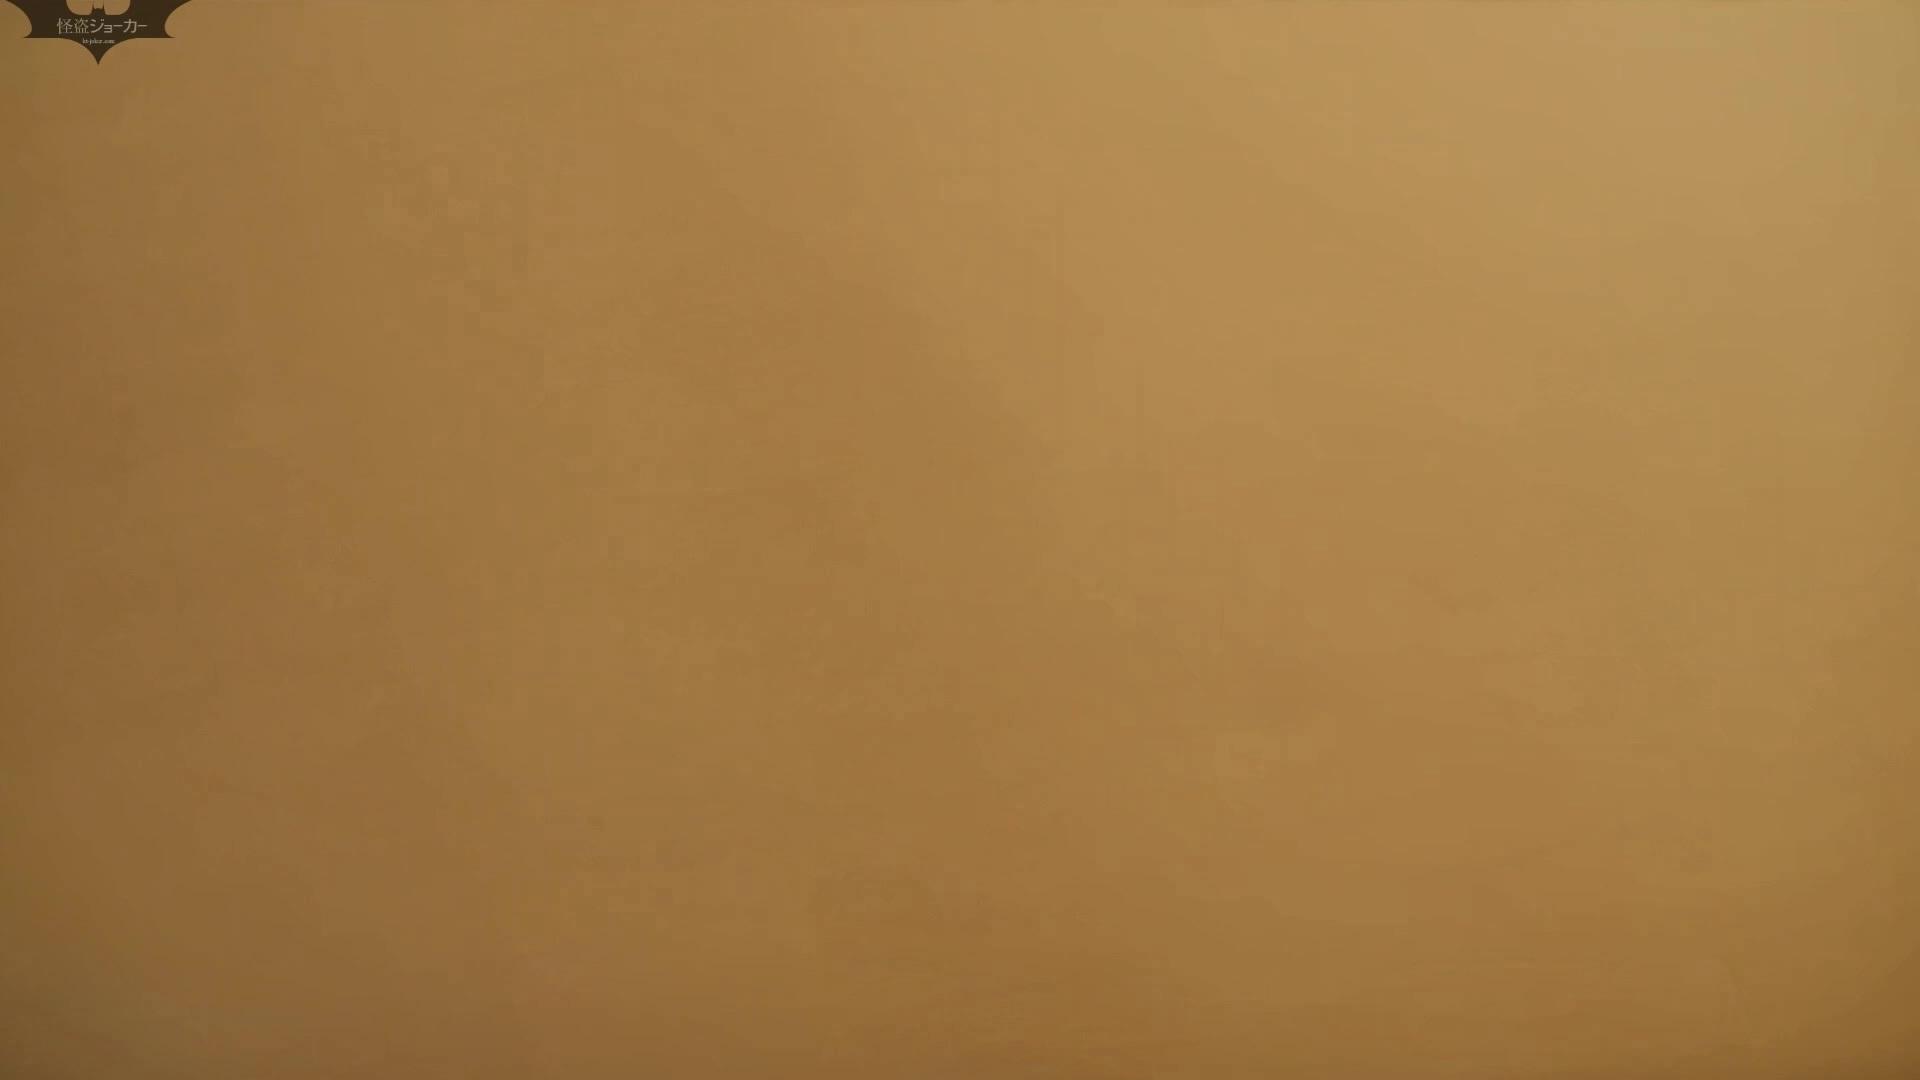 阿国ちゃんの和式洋式七変化 Vol.24 すっごくピクピクしてます。 OL   洗面所着替え  59連発 30